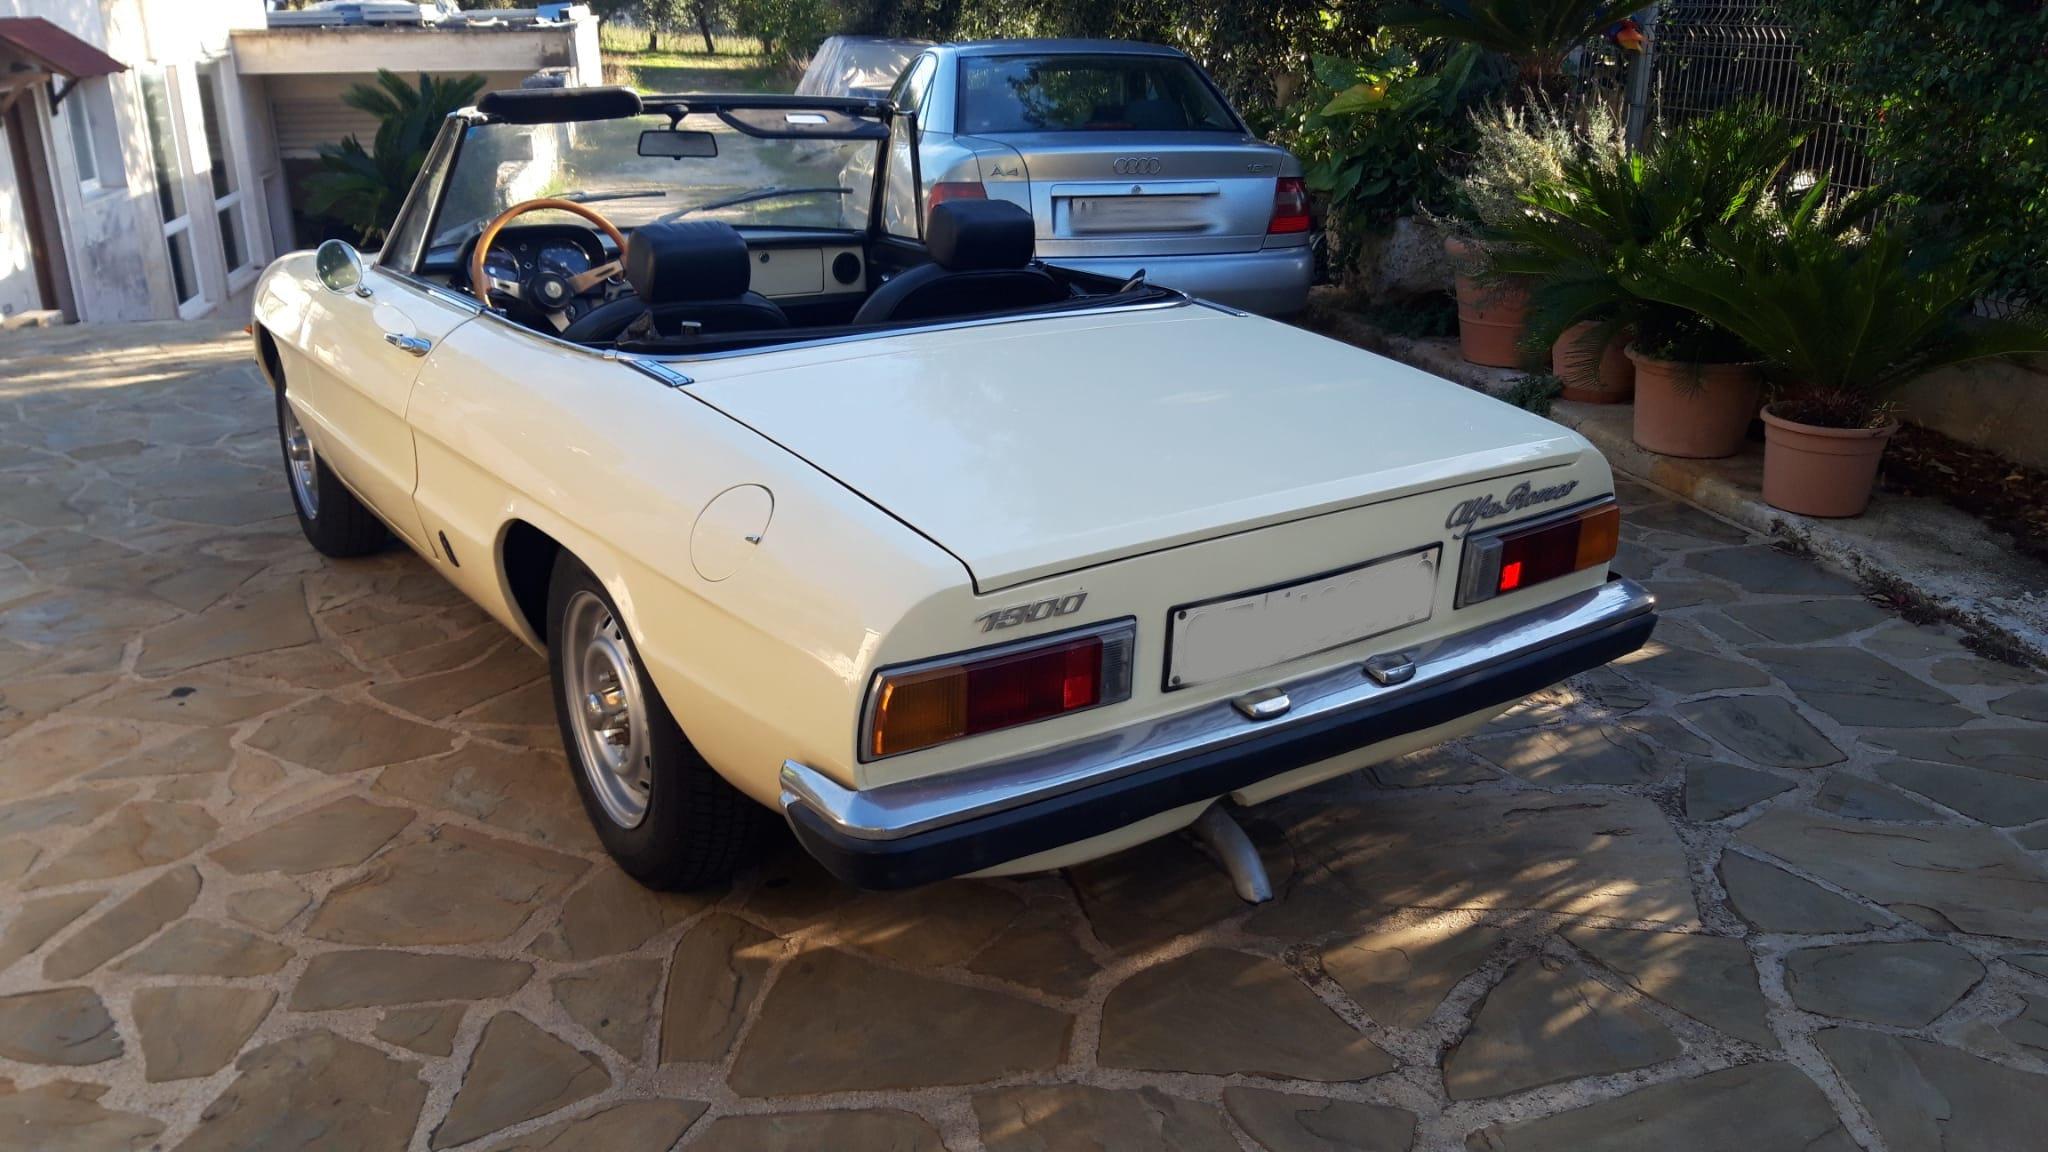 1976 Alfa Romeo Spider Duetto coda tronca 1300 For Sale (picture 3 of 9)